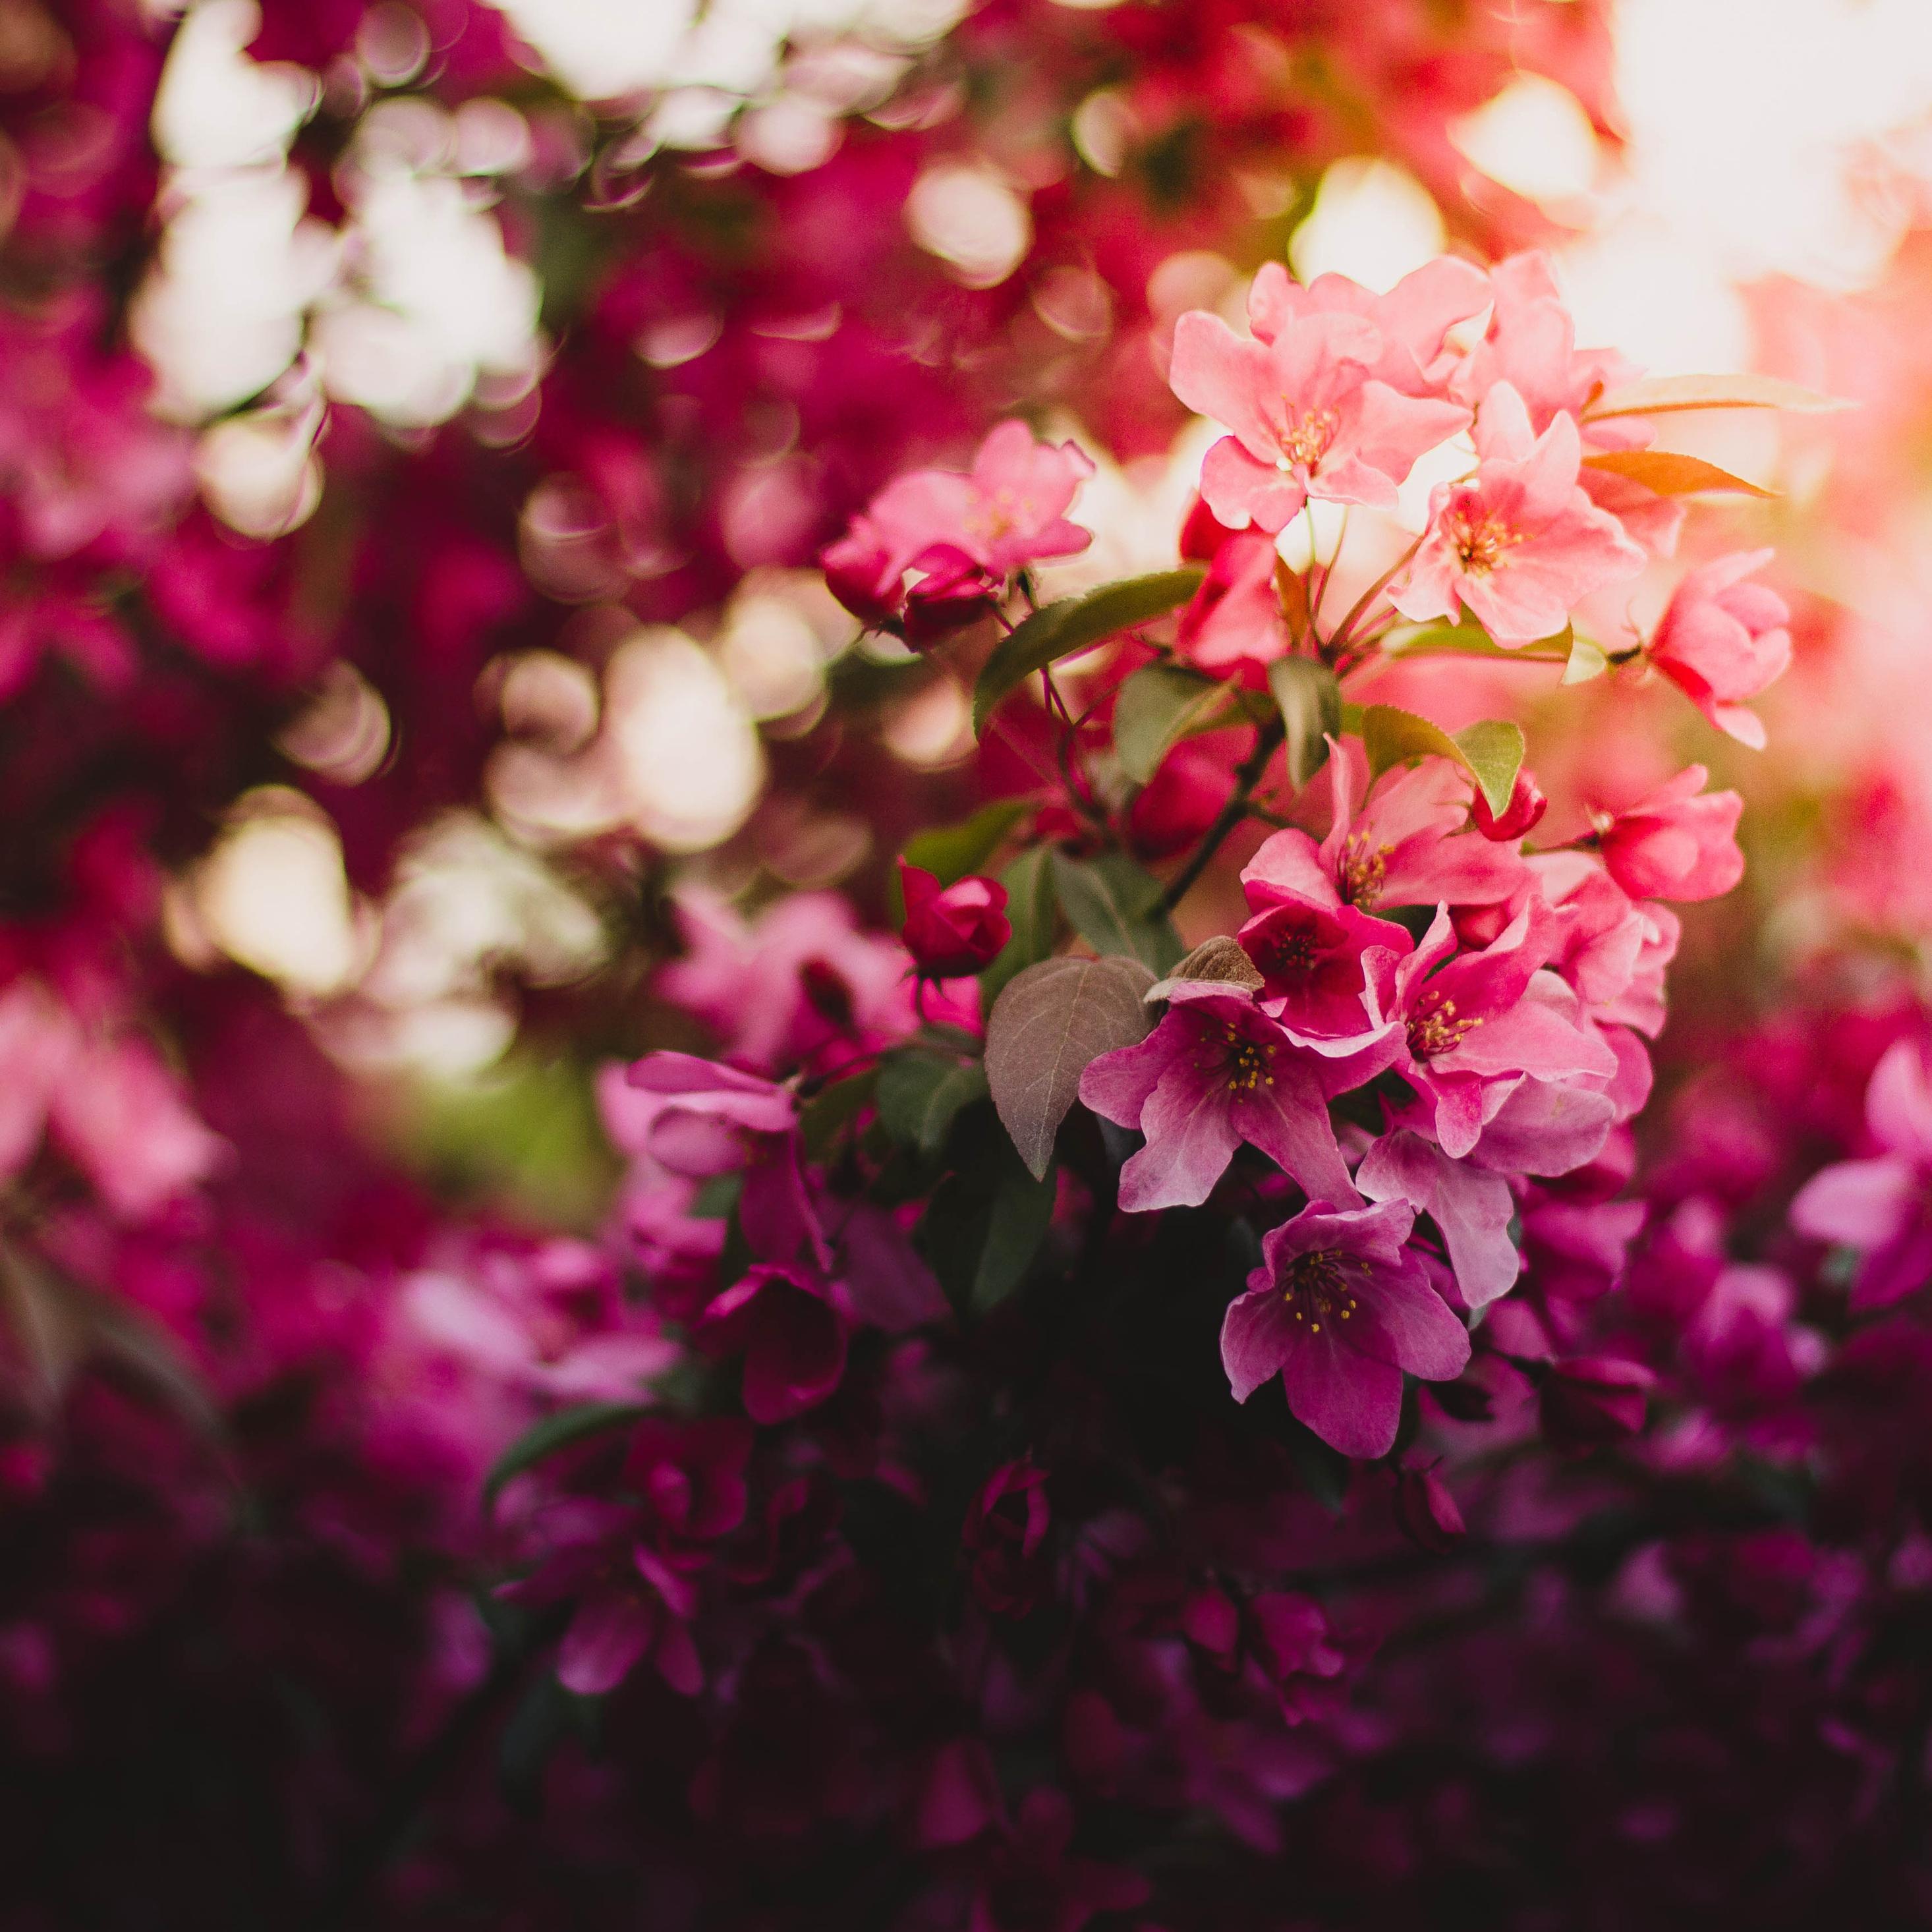 2932x2932 Pink Flowers On Tree 5k Ipad Pro Retina Display Hd 4k